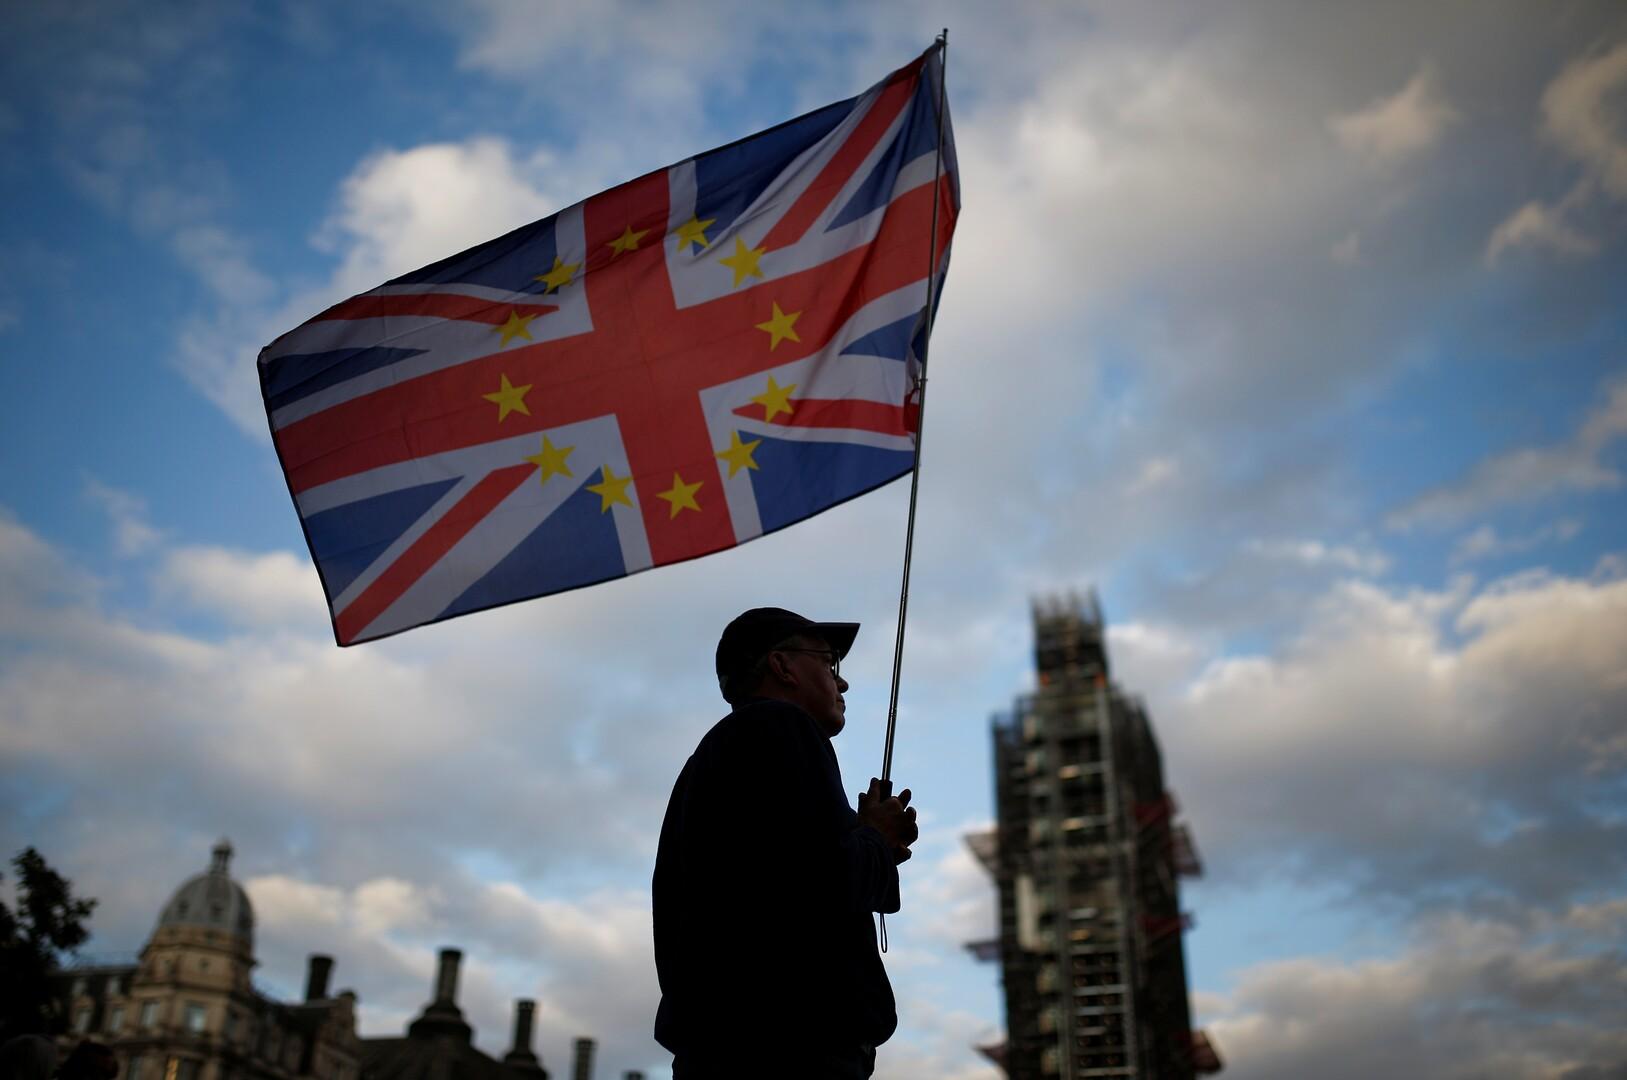 تداعيات خروج بريطانيا من الاتحاد الأوروبي دون اتفاق على تركيا